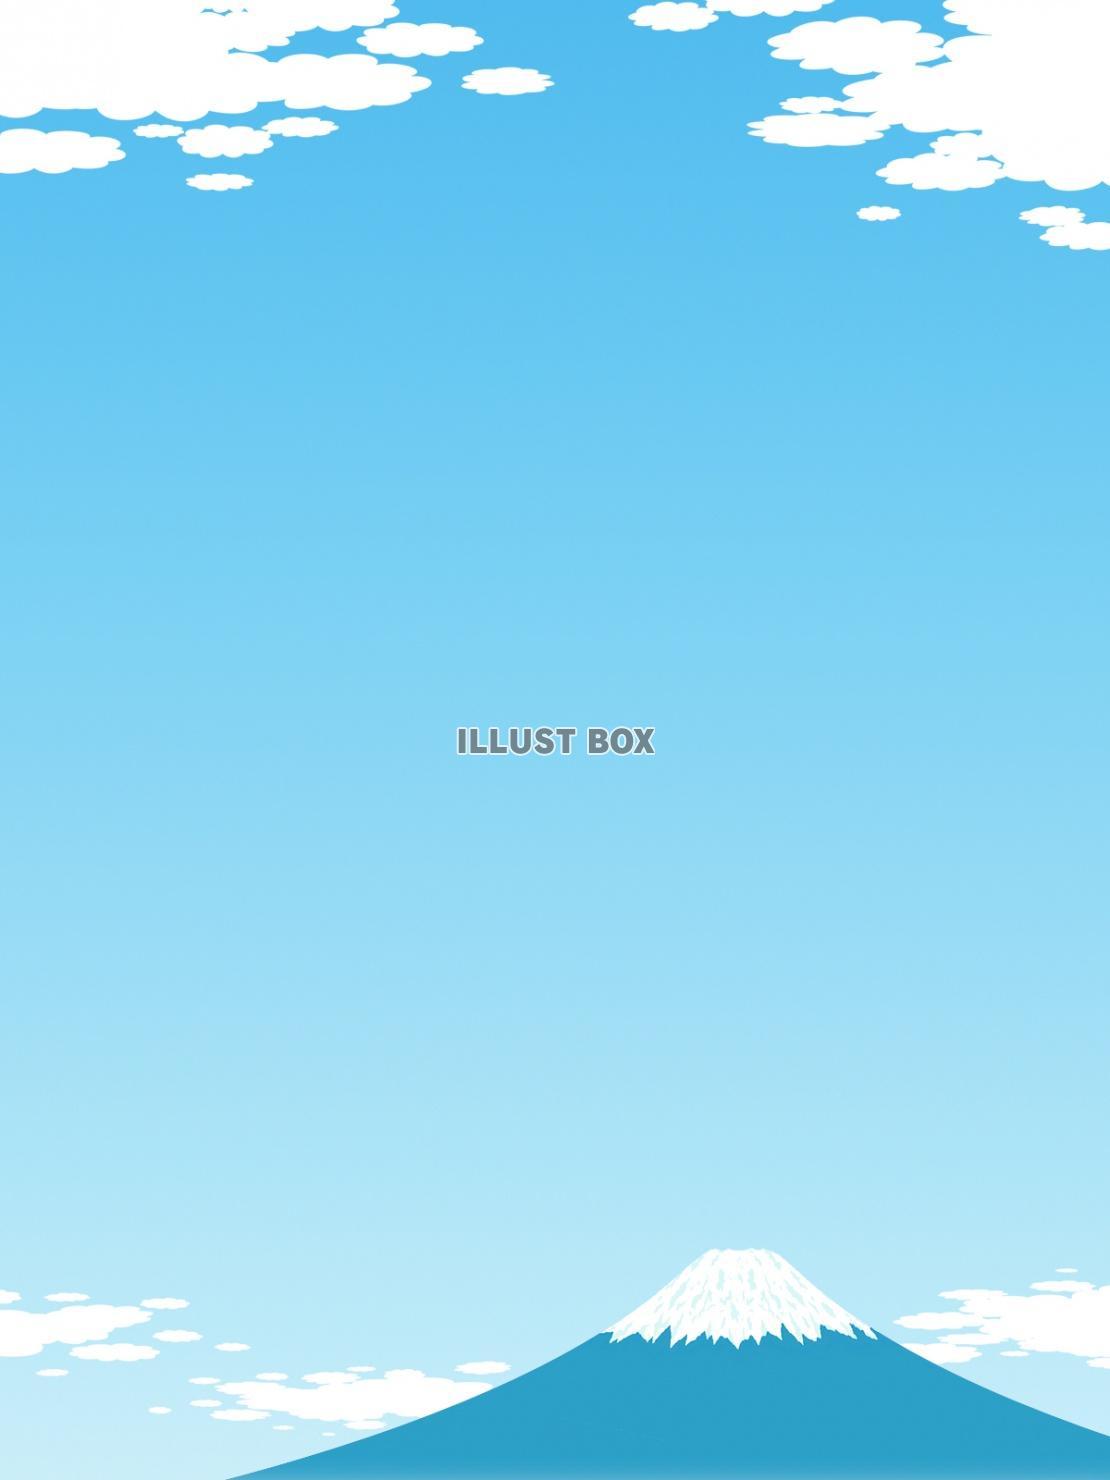 無料イラスト 空と富士山のフレーム